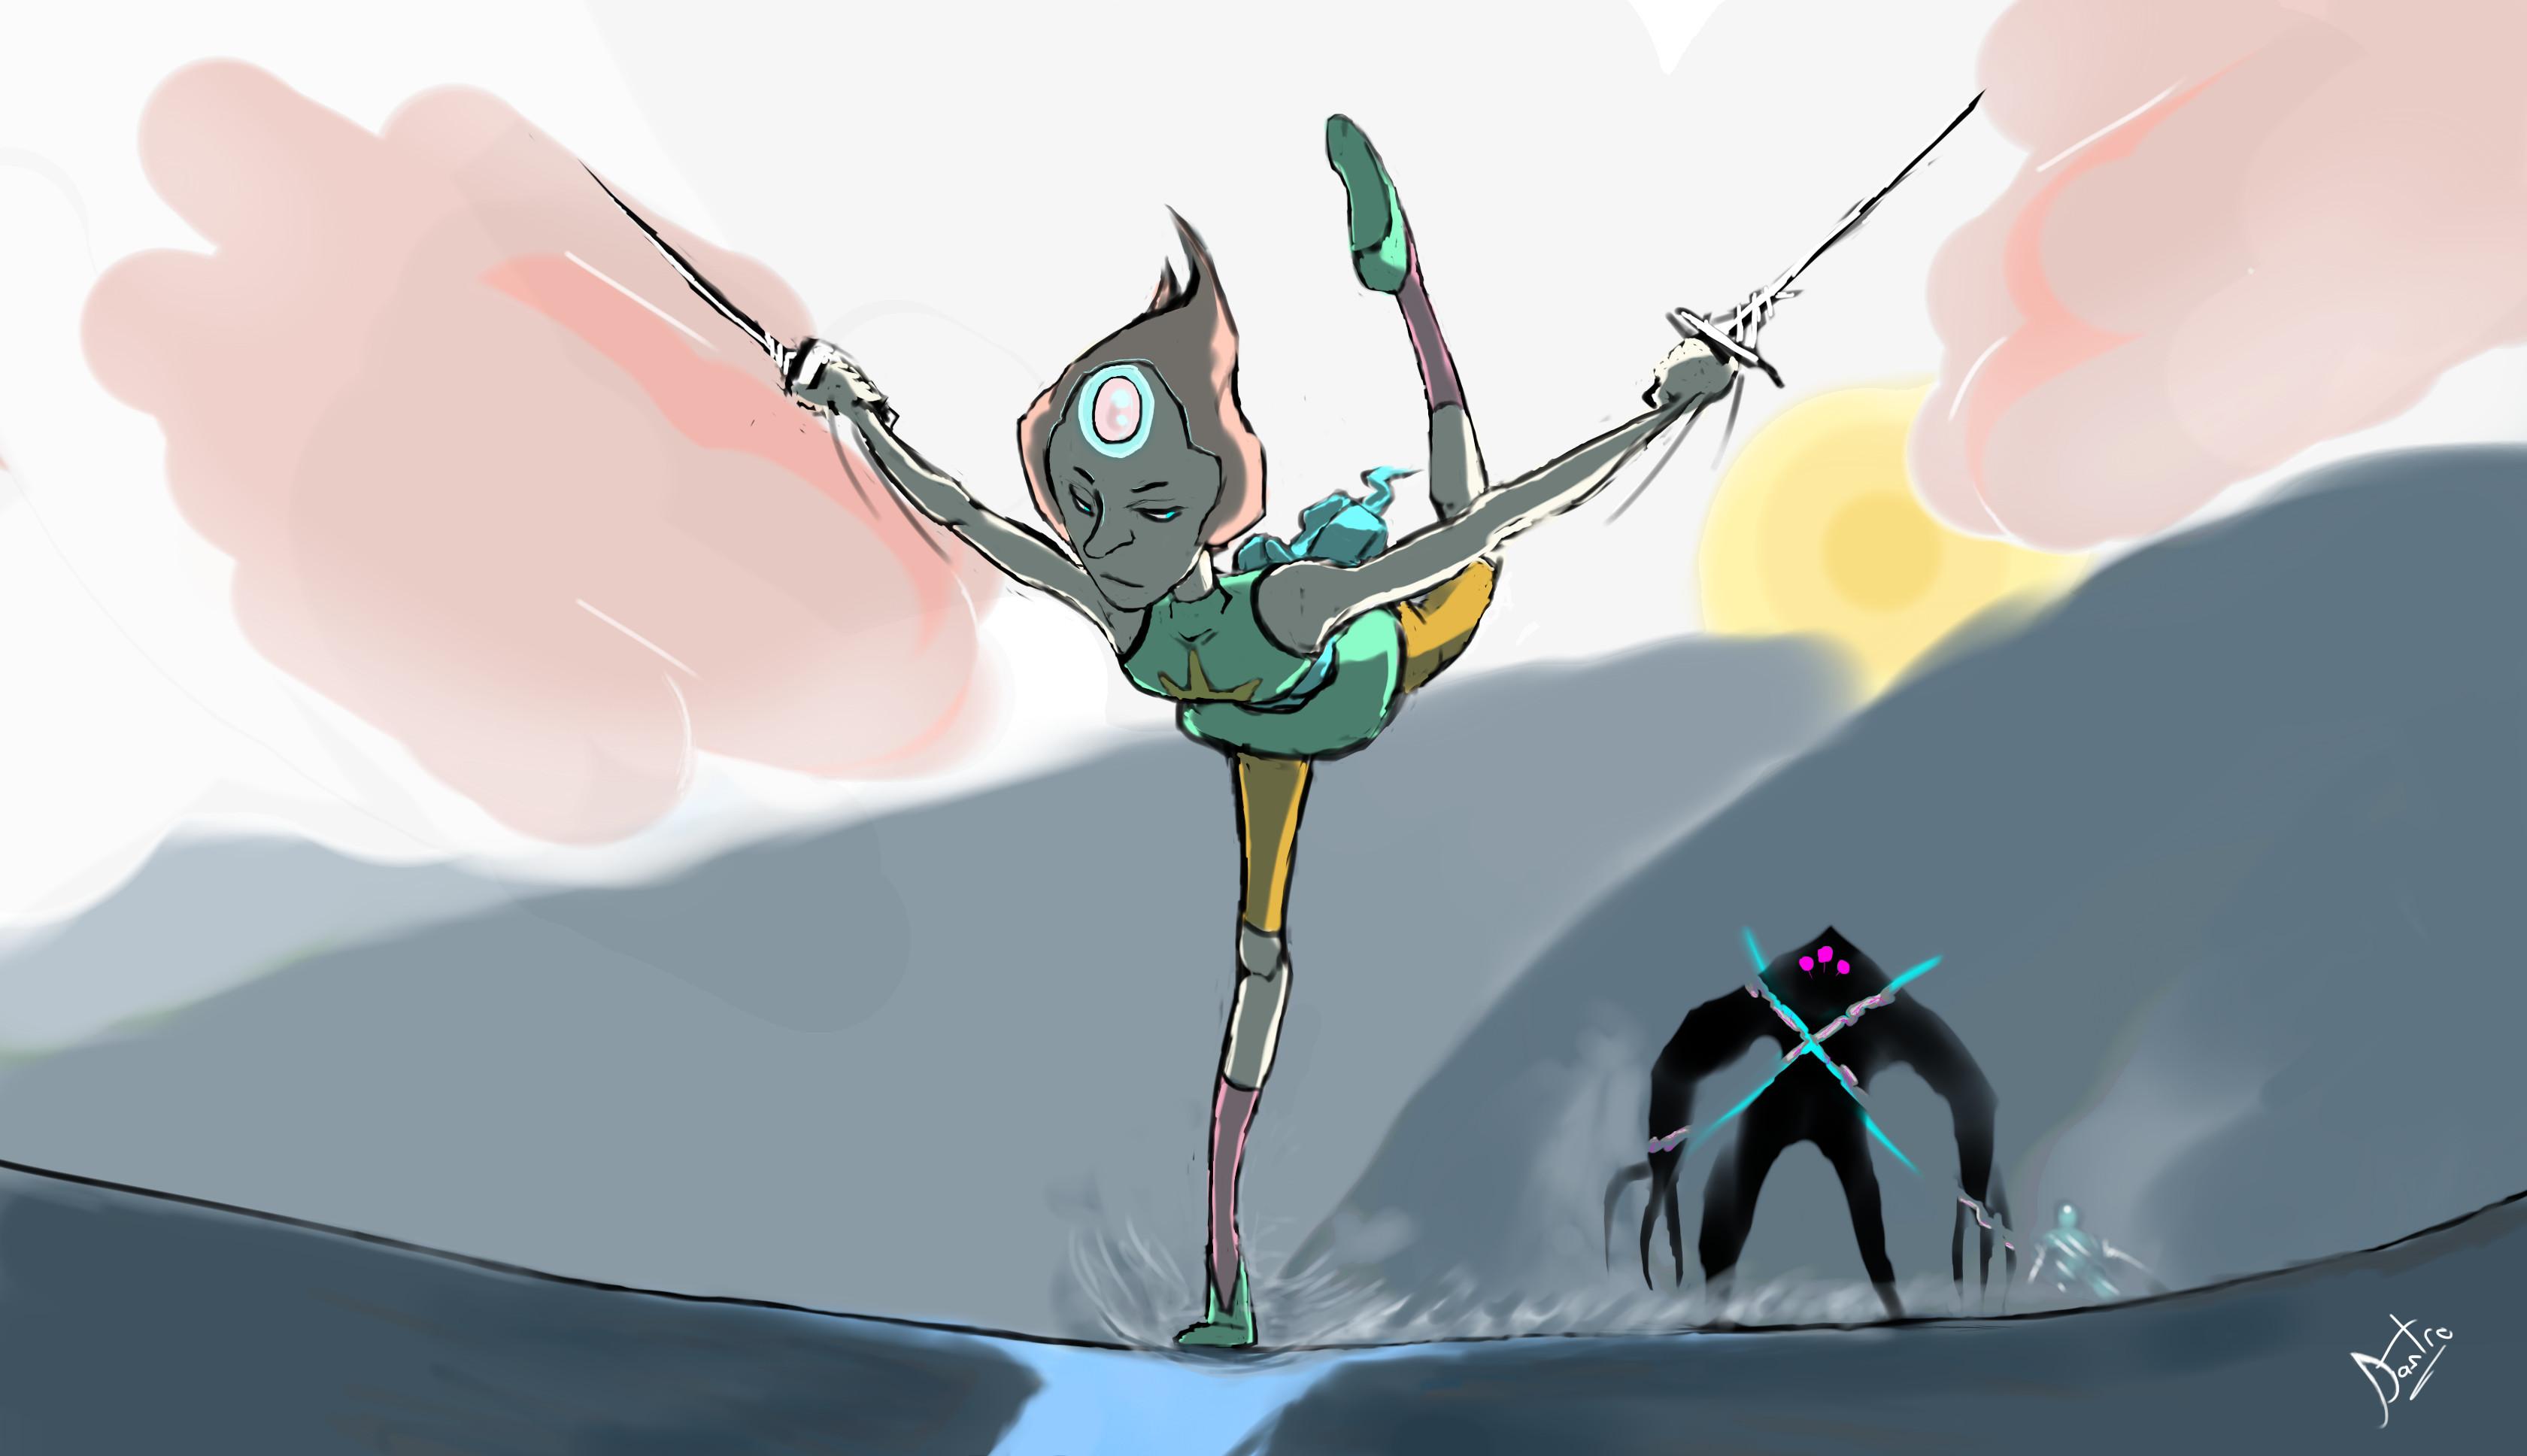 … Pearl Strike (Steven Universe) by Dastro